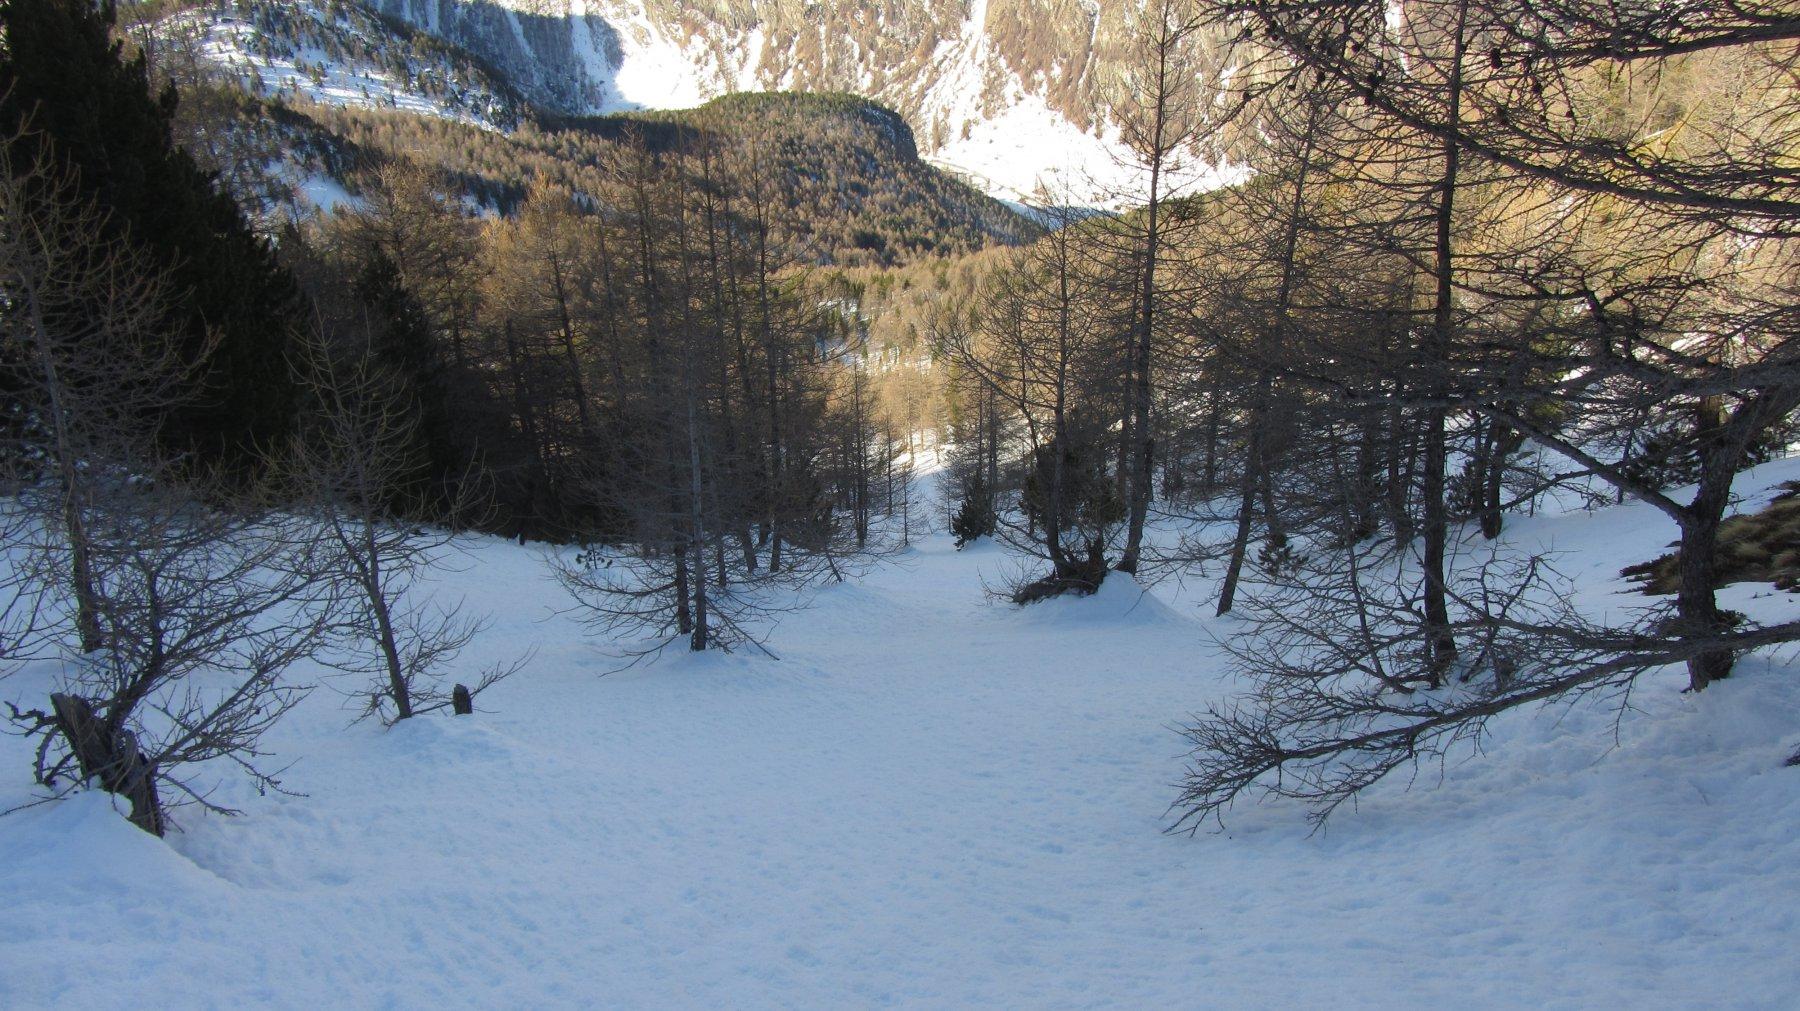 Quasi al fondo del pendio canale percorso per evitare buona parte del sentiero di salita